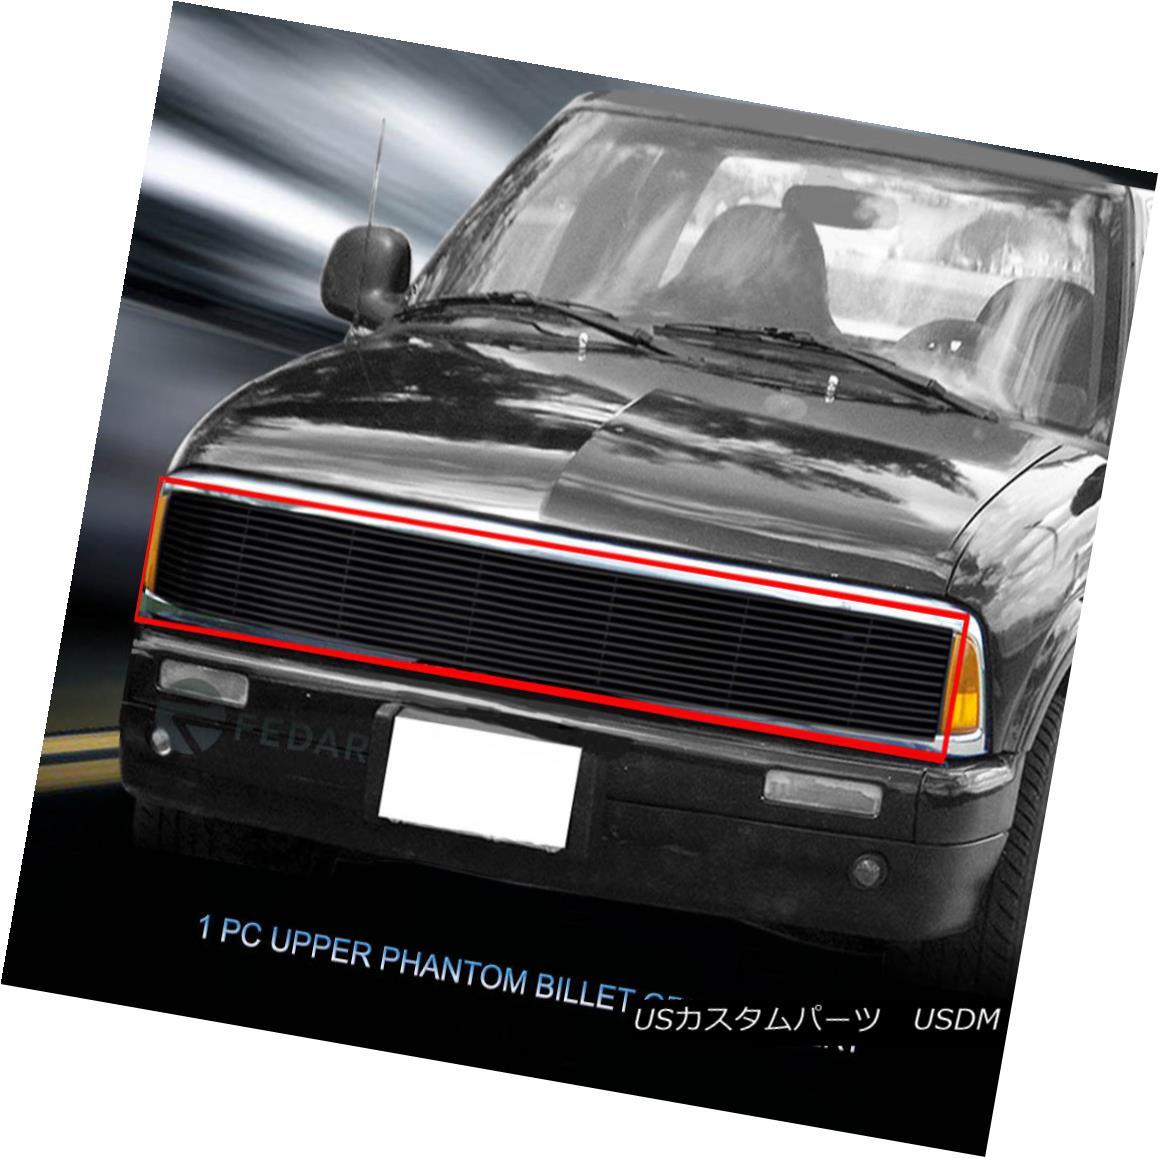 グリル Fedar Fits 91-93 GMC Jimmy/Sonoma /Chevy S10 Black Billet Grille Fedar Fits 91-93 GMCジミー/ソノマ/ Chevy S10 Black Billet Grille